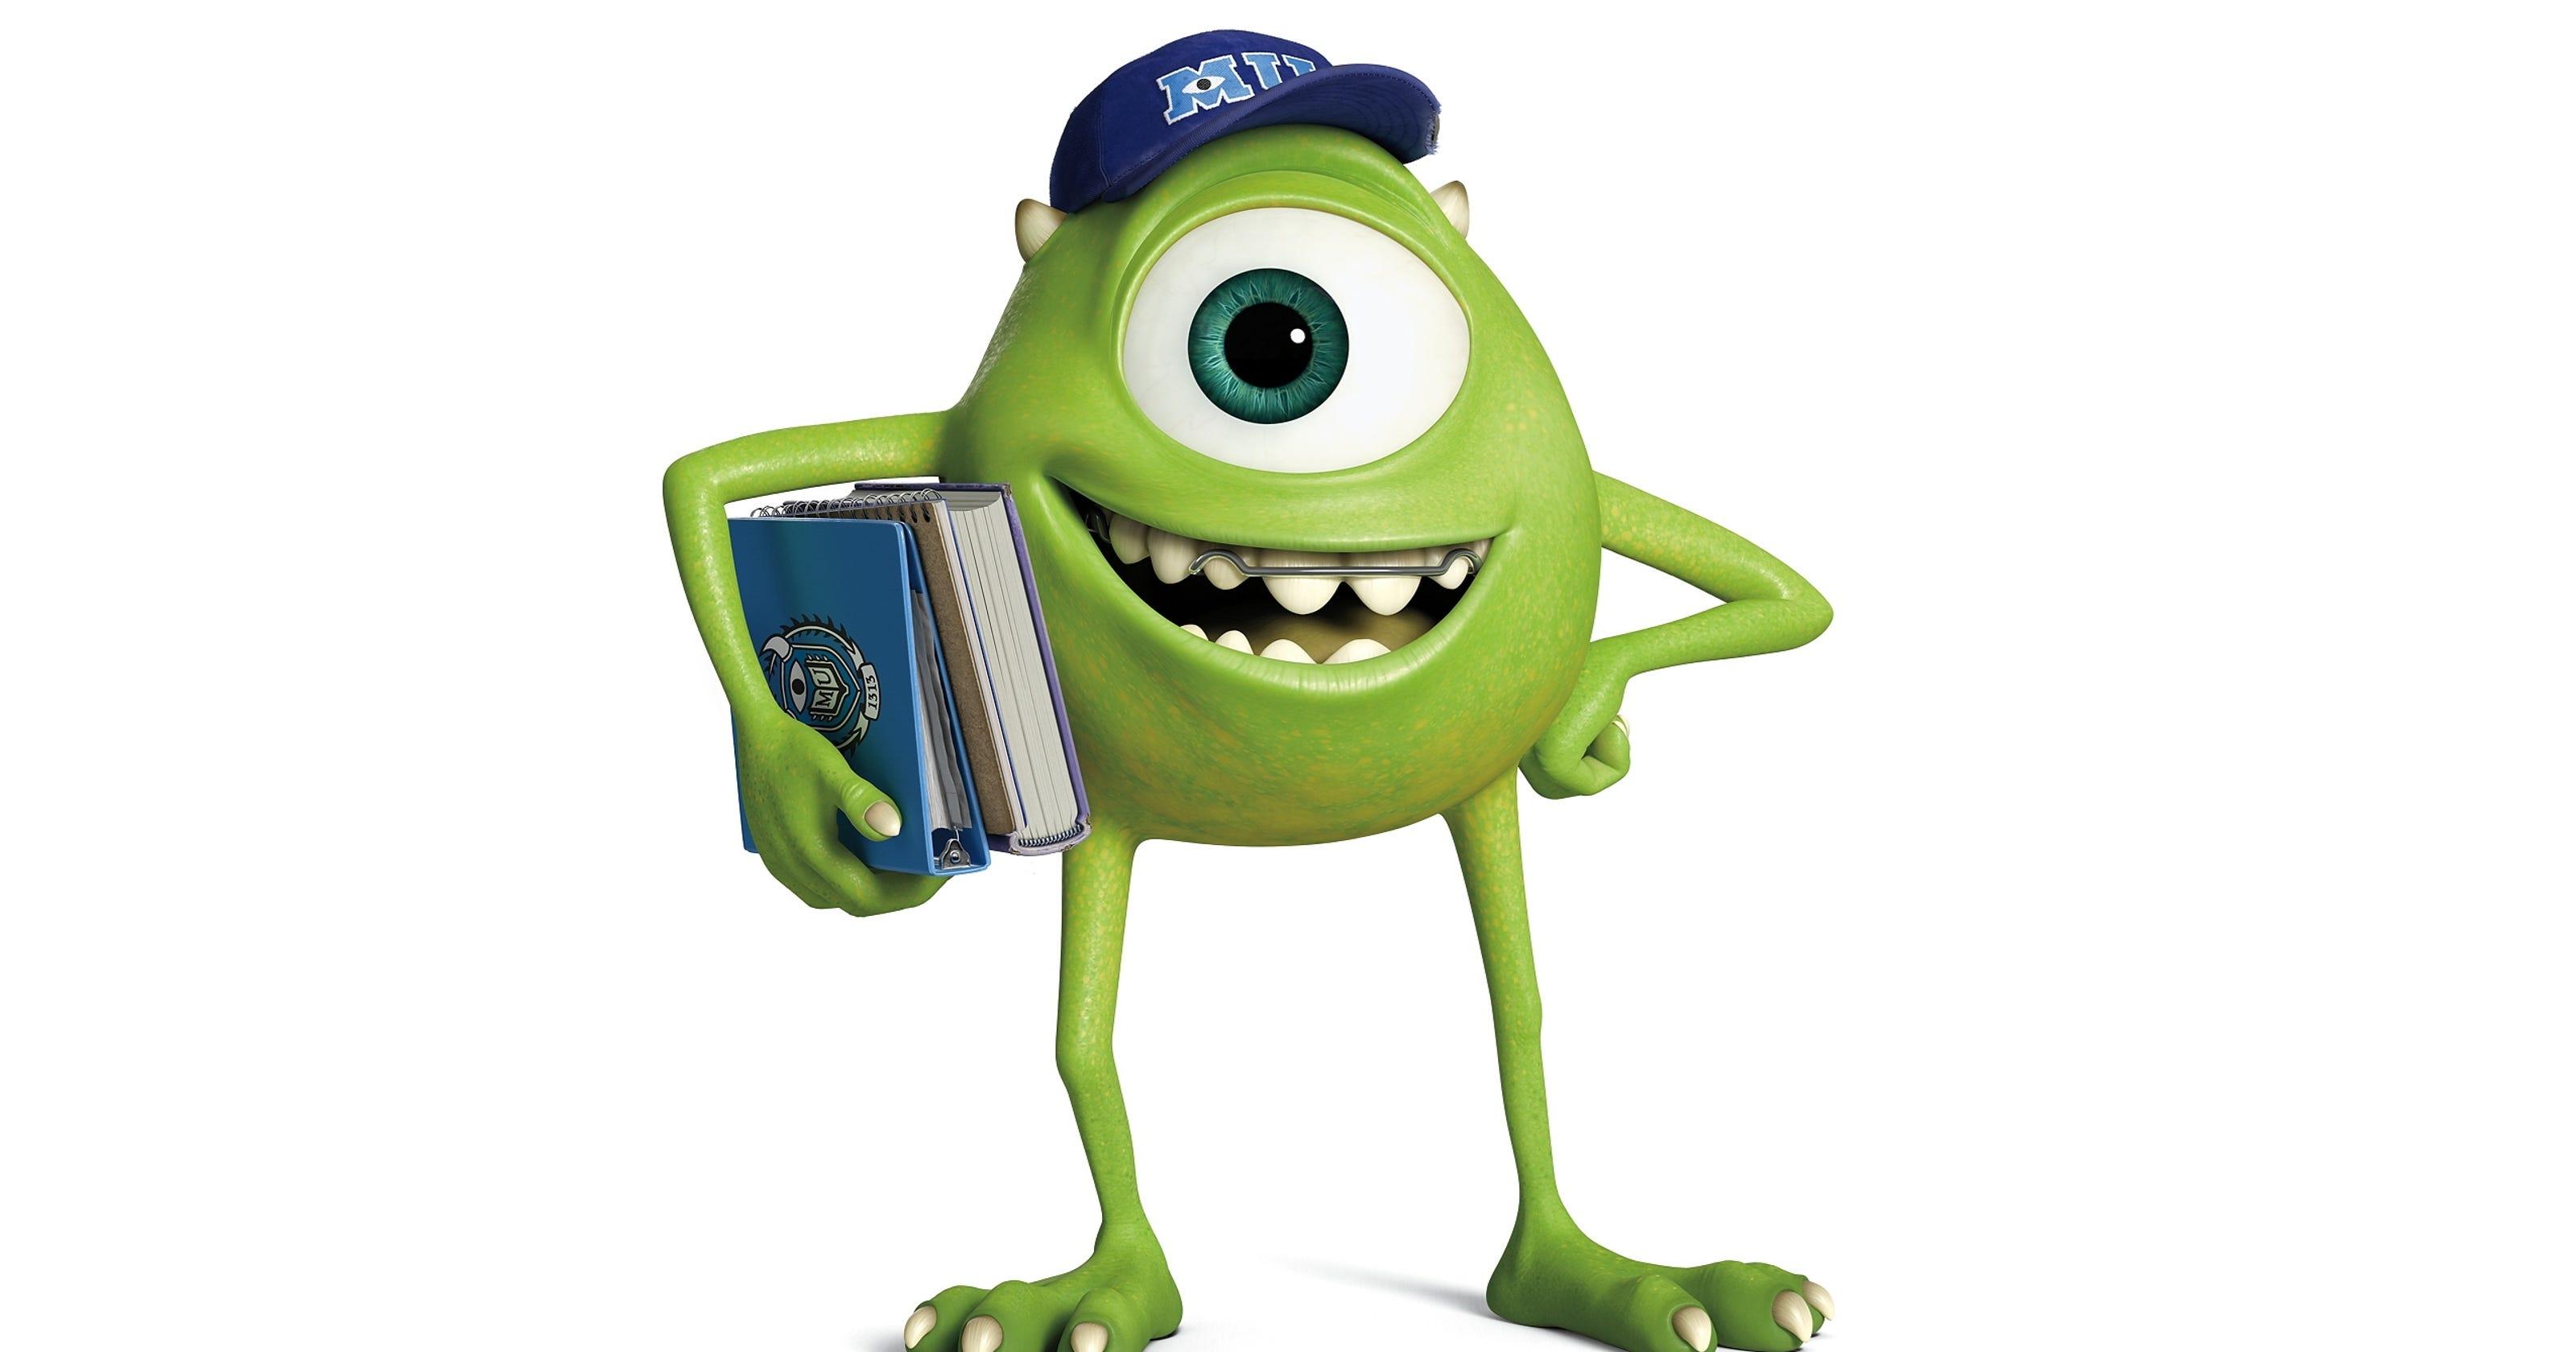 Schön Pixar Malvorlagen Monster Inc Galerie - Malvorlagen Von Tieren ...